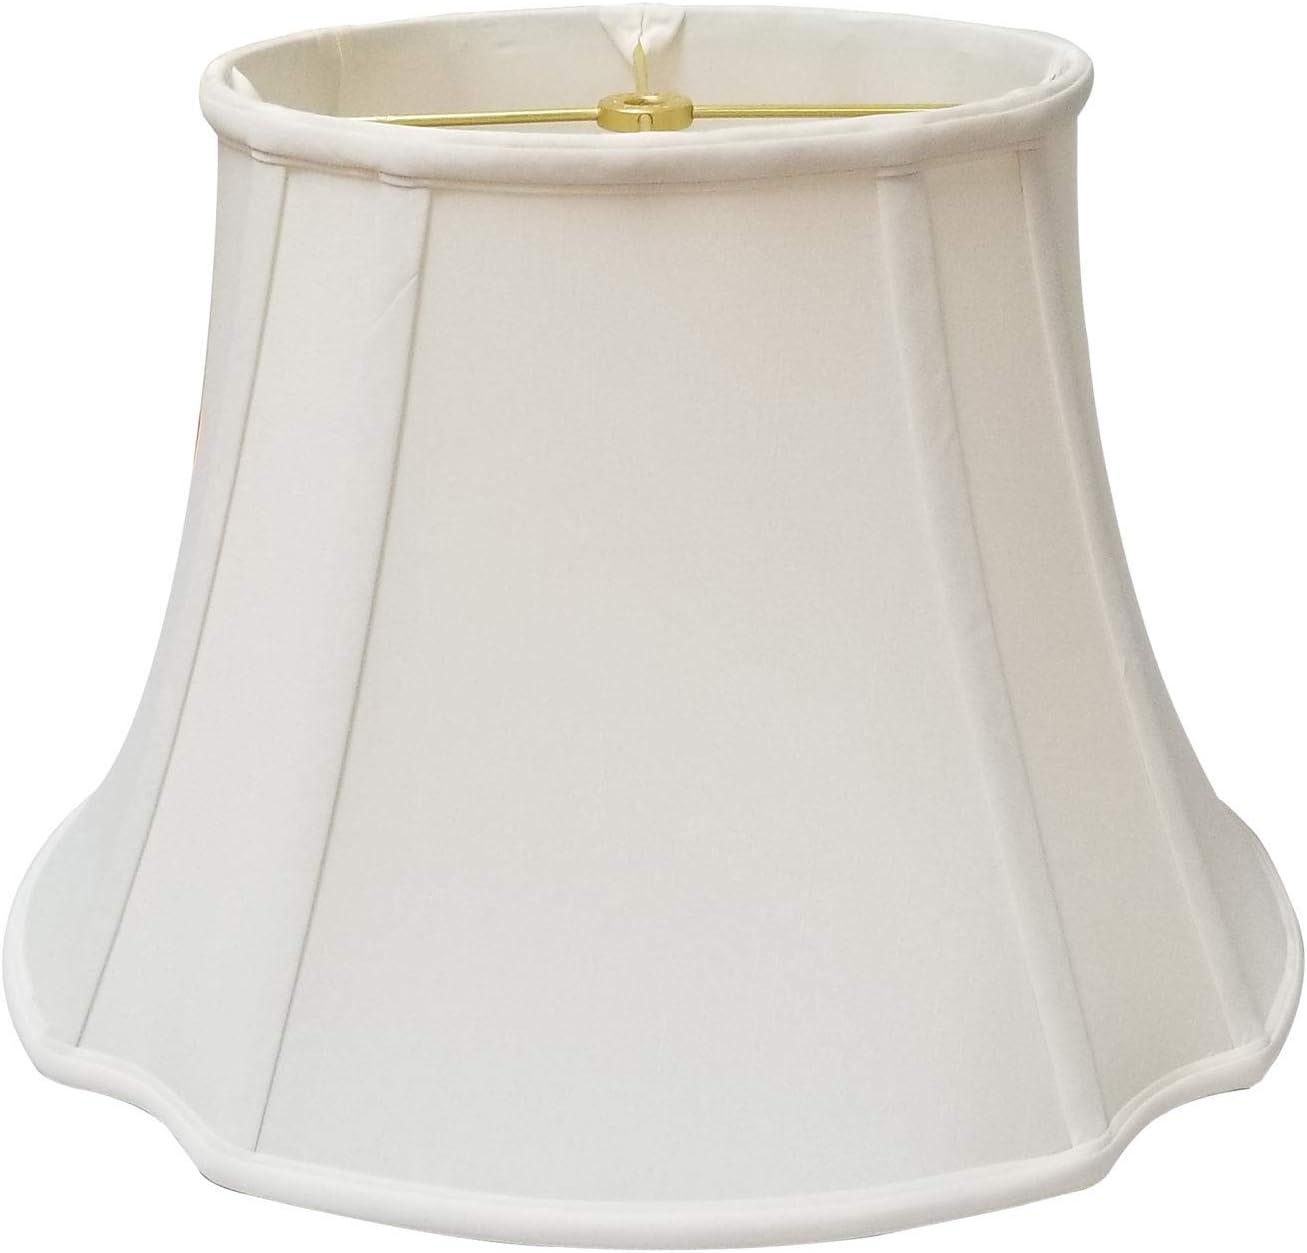 Royal Designs Abat-jour ovale inversé Traditionnelle (7 x 9) x (12.75 x 15) x 10.75 blanc